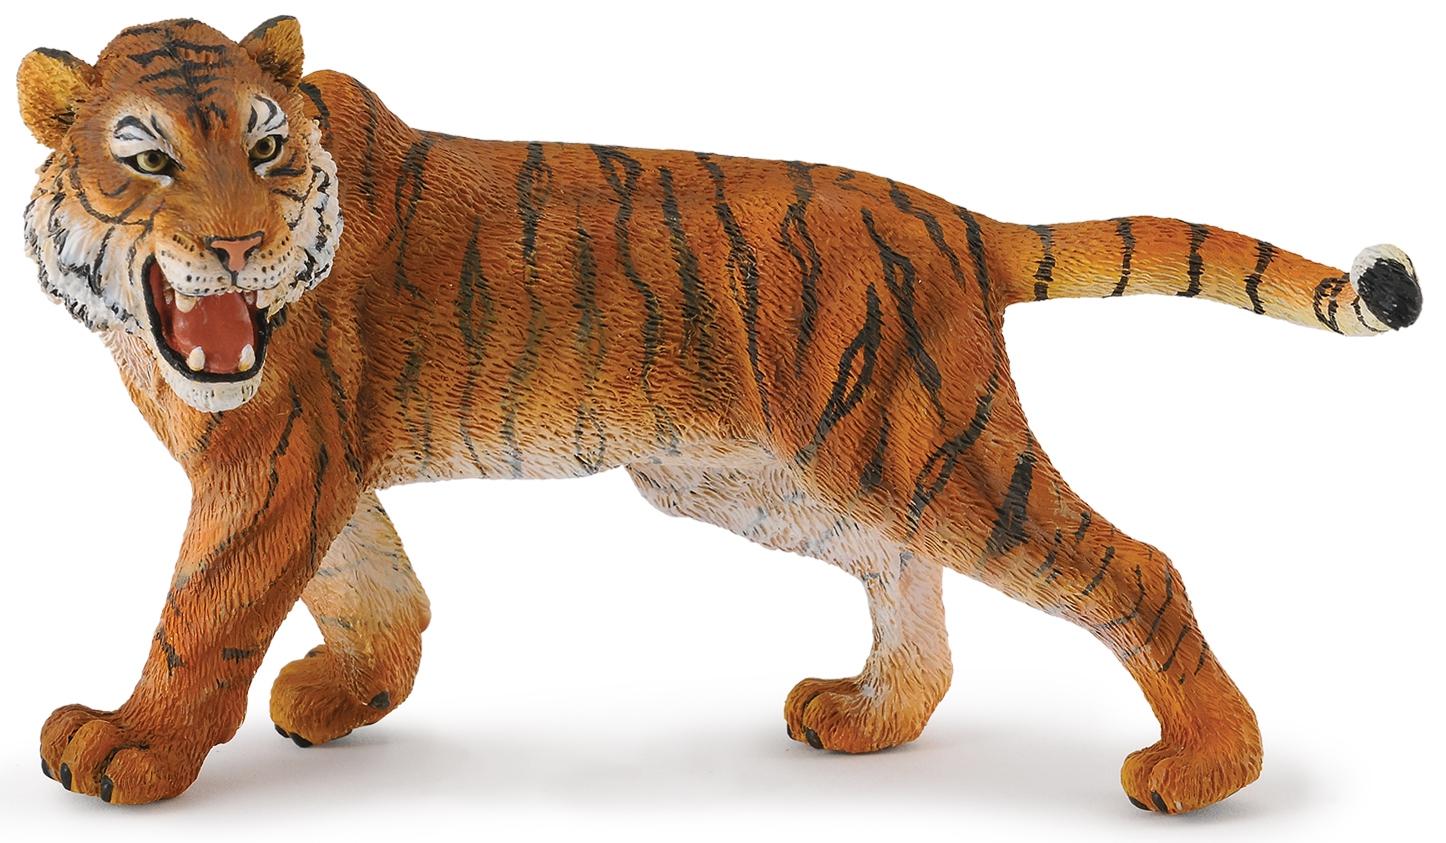 Купить Фигурки животных, Сибирский тигр 12 см, Collecta, Китай, рыжий